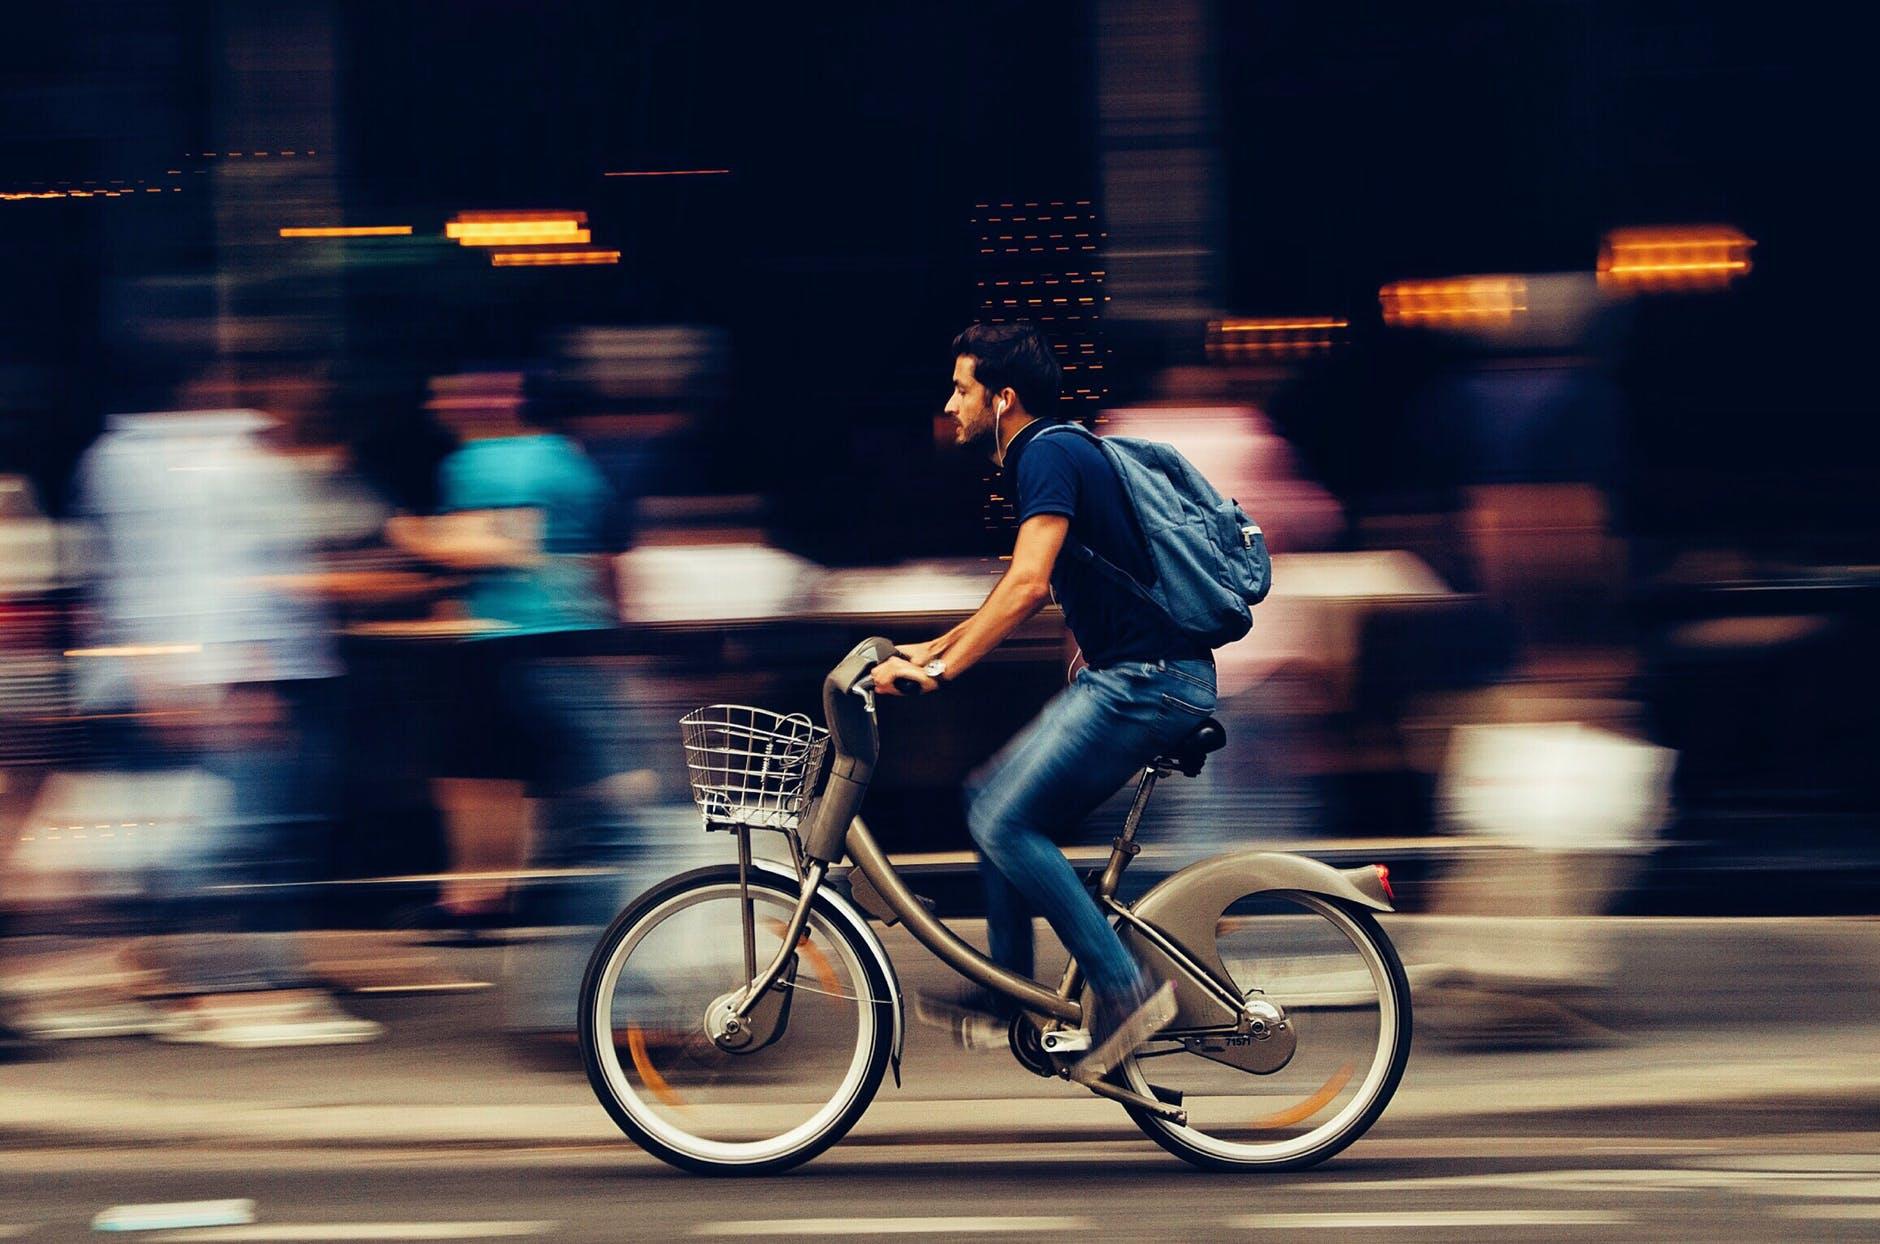 Satiksmes negadījumos cieš gan velosipēdists, gan autovadītāji